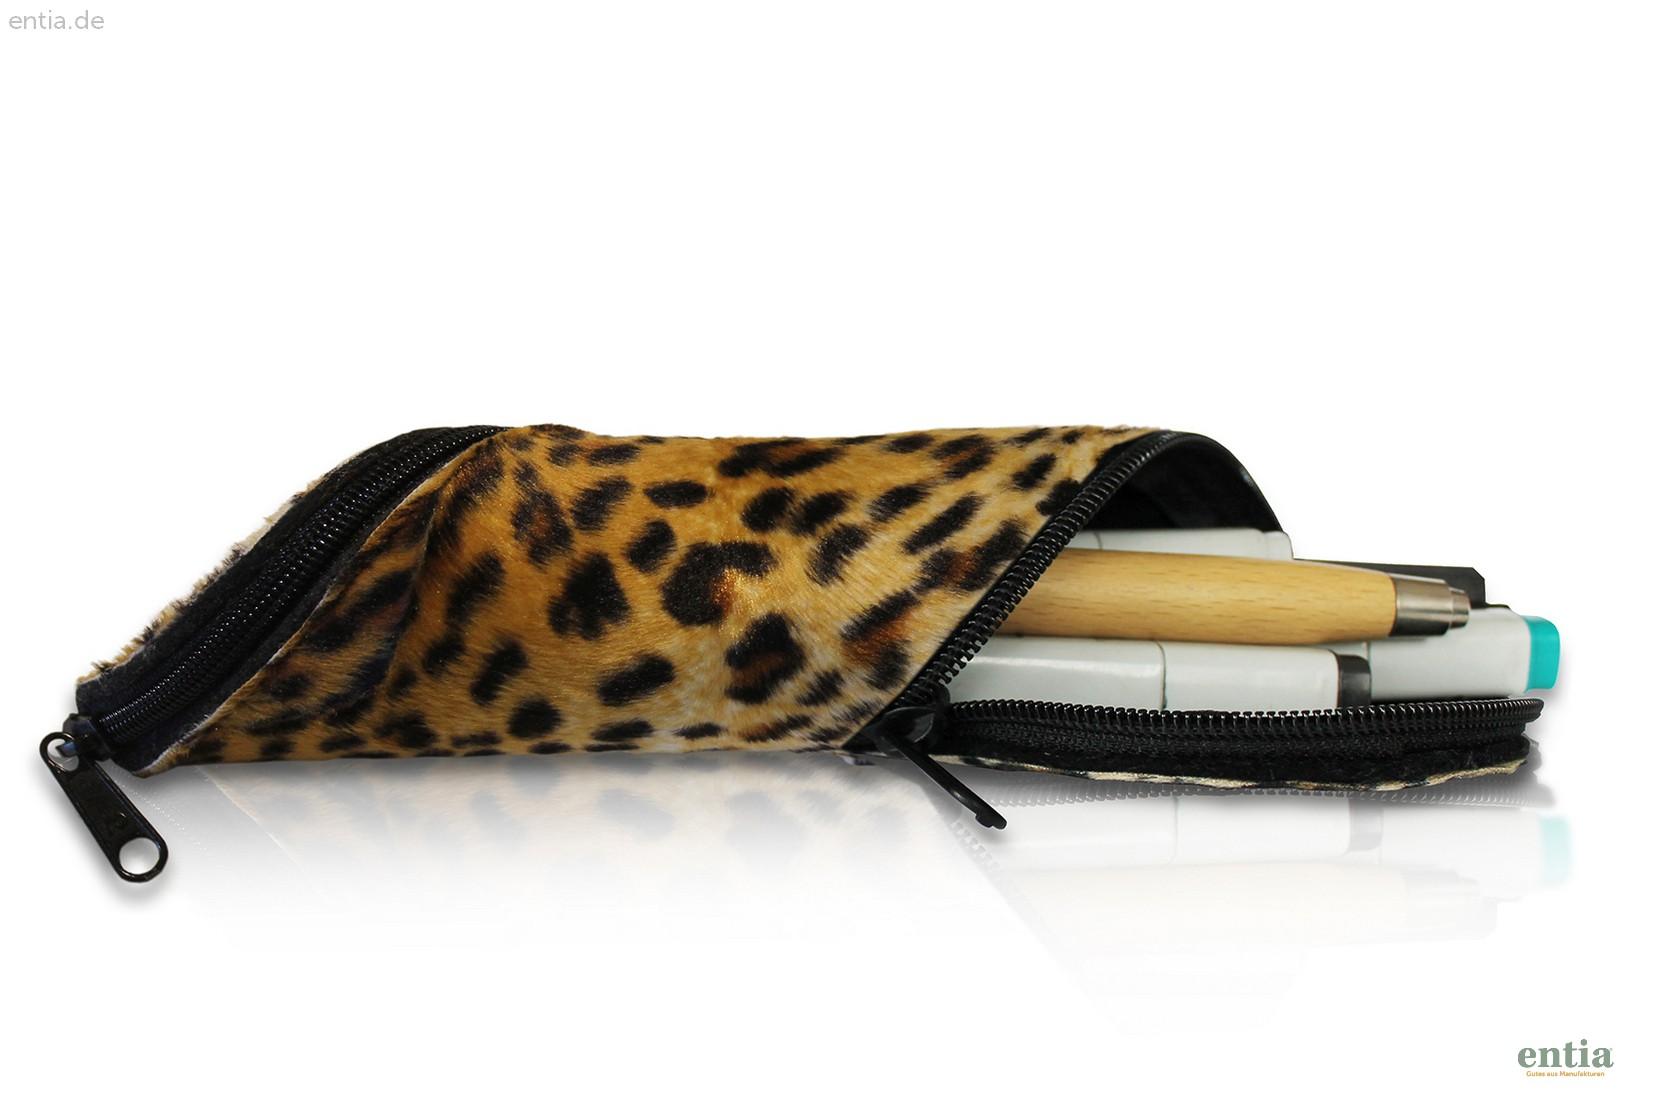 Stifte- und Brillen-Mäppchen im Leoparden-Look